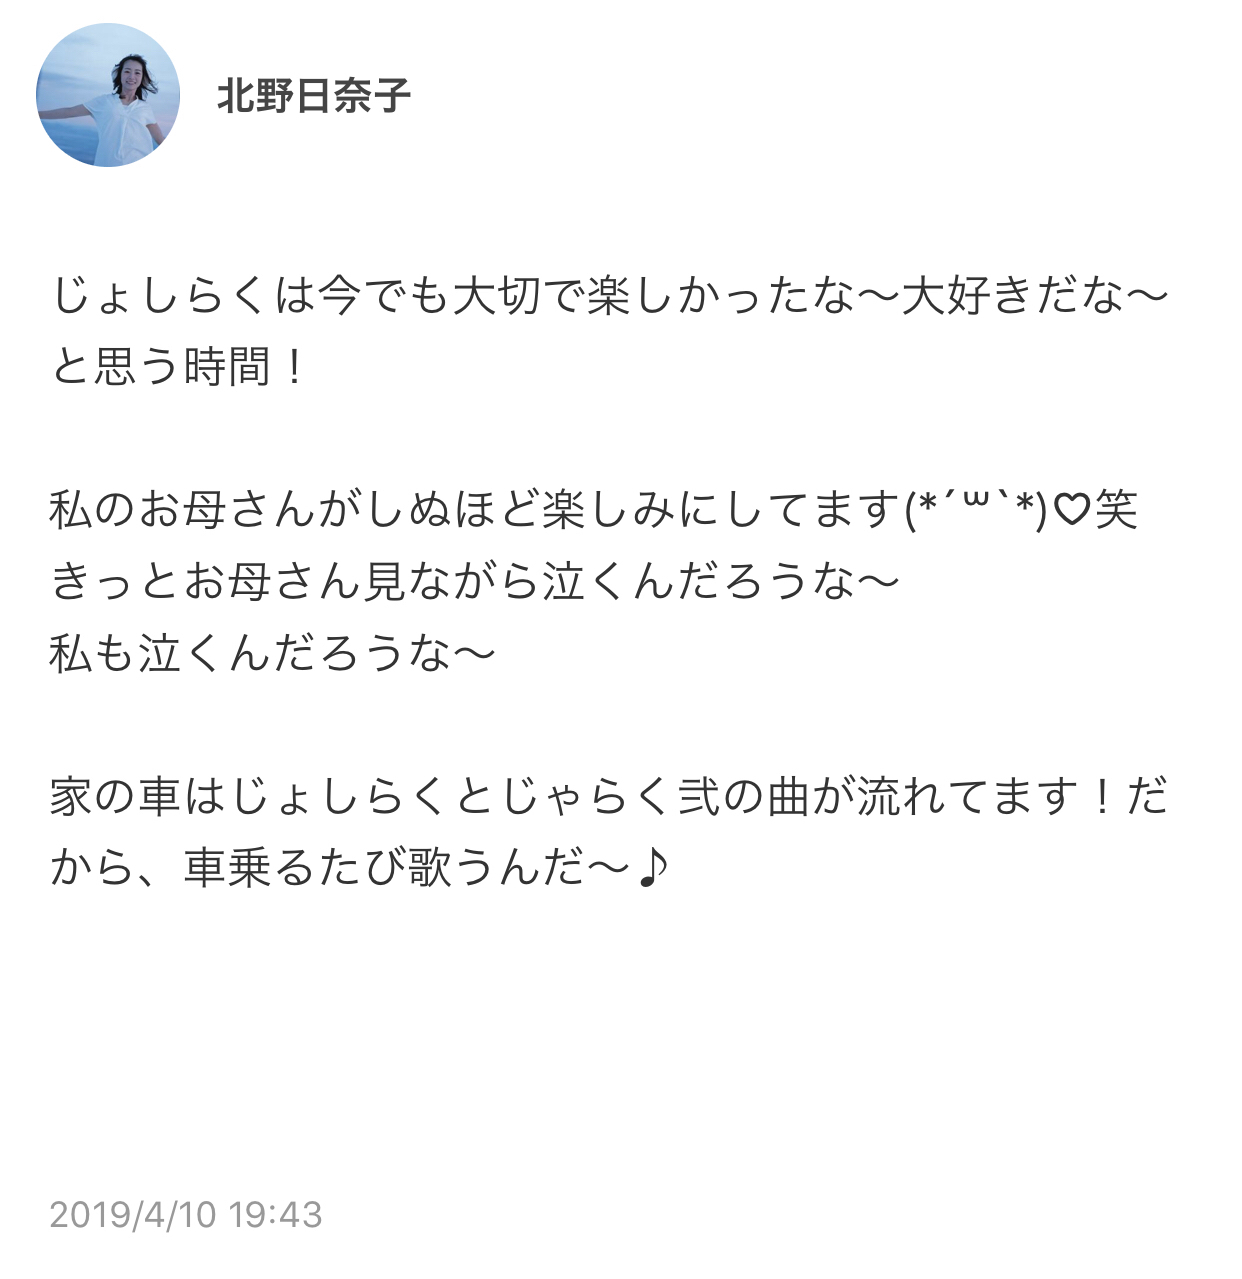 北野日奈子 じょしらく